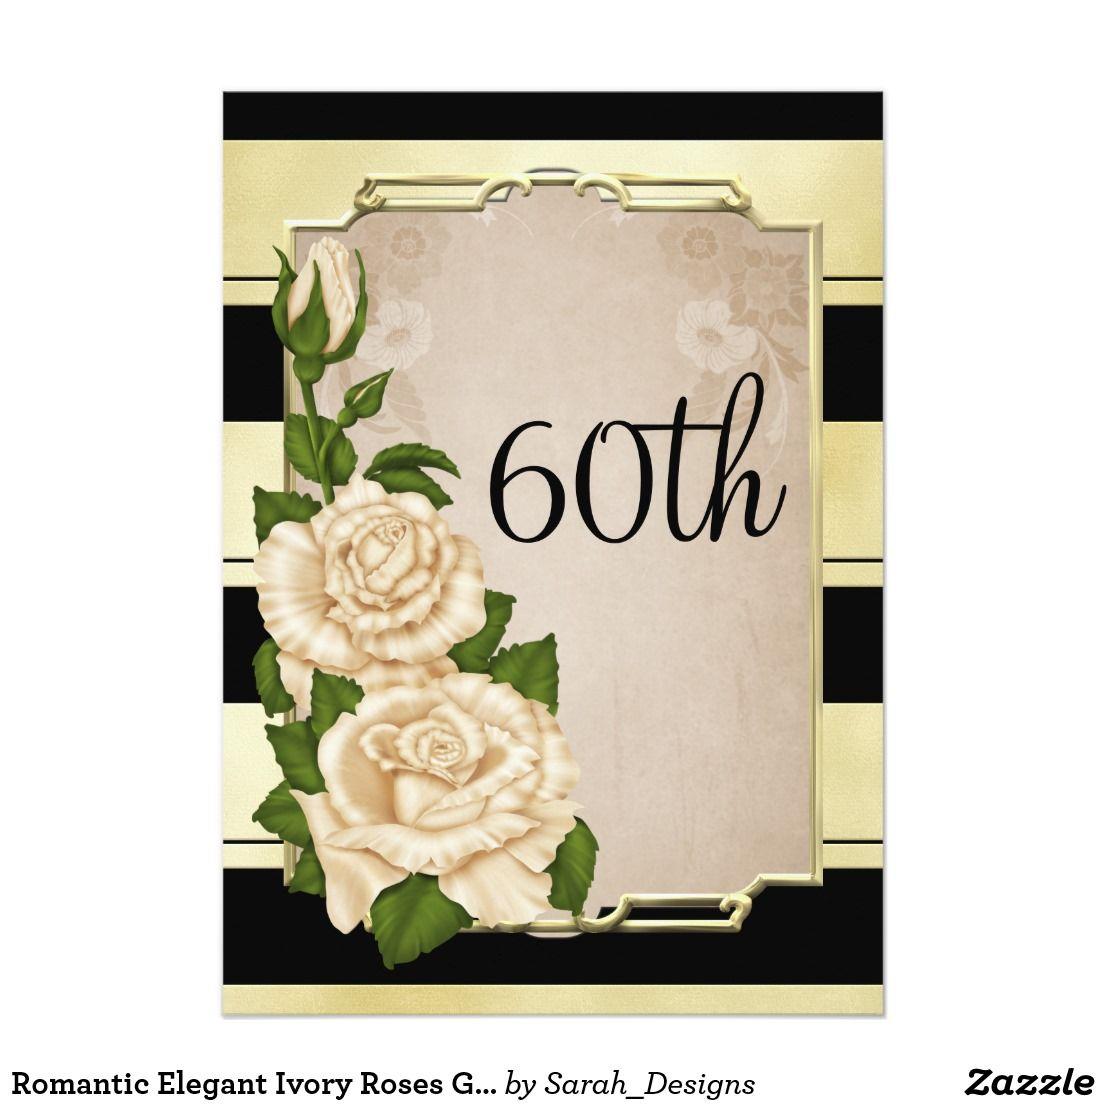 Romantic Elegant Ivory Roses Gold Framed 60th